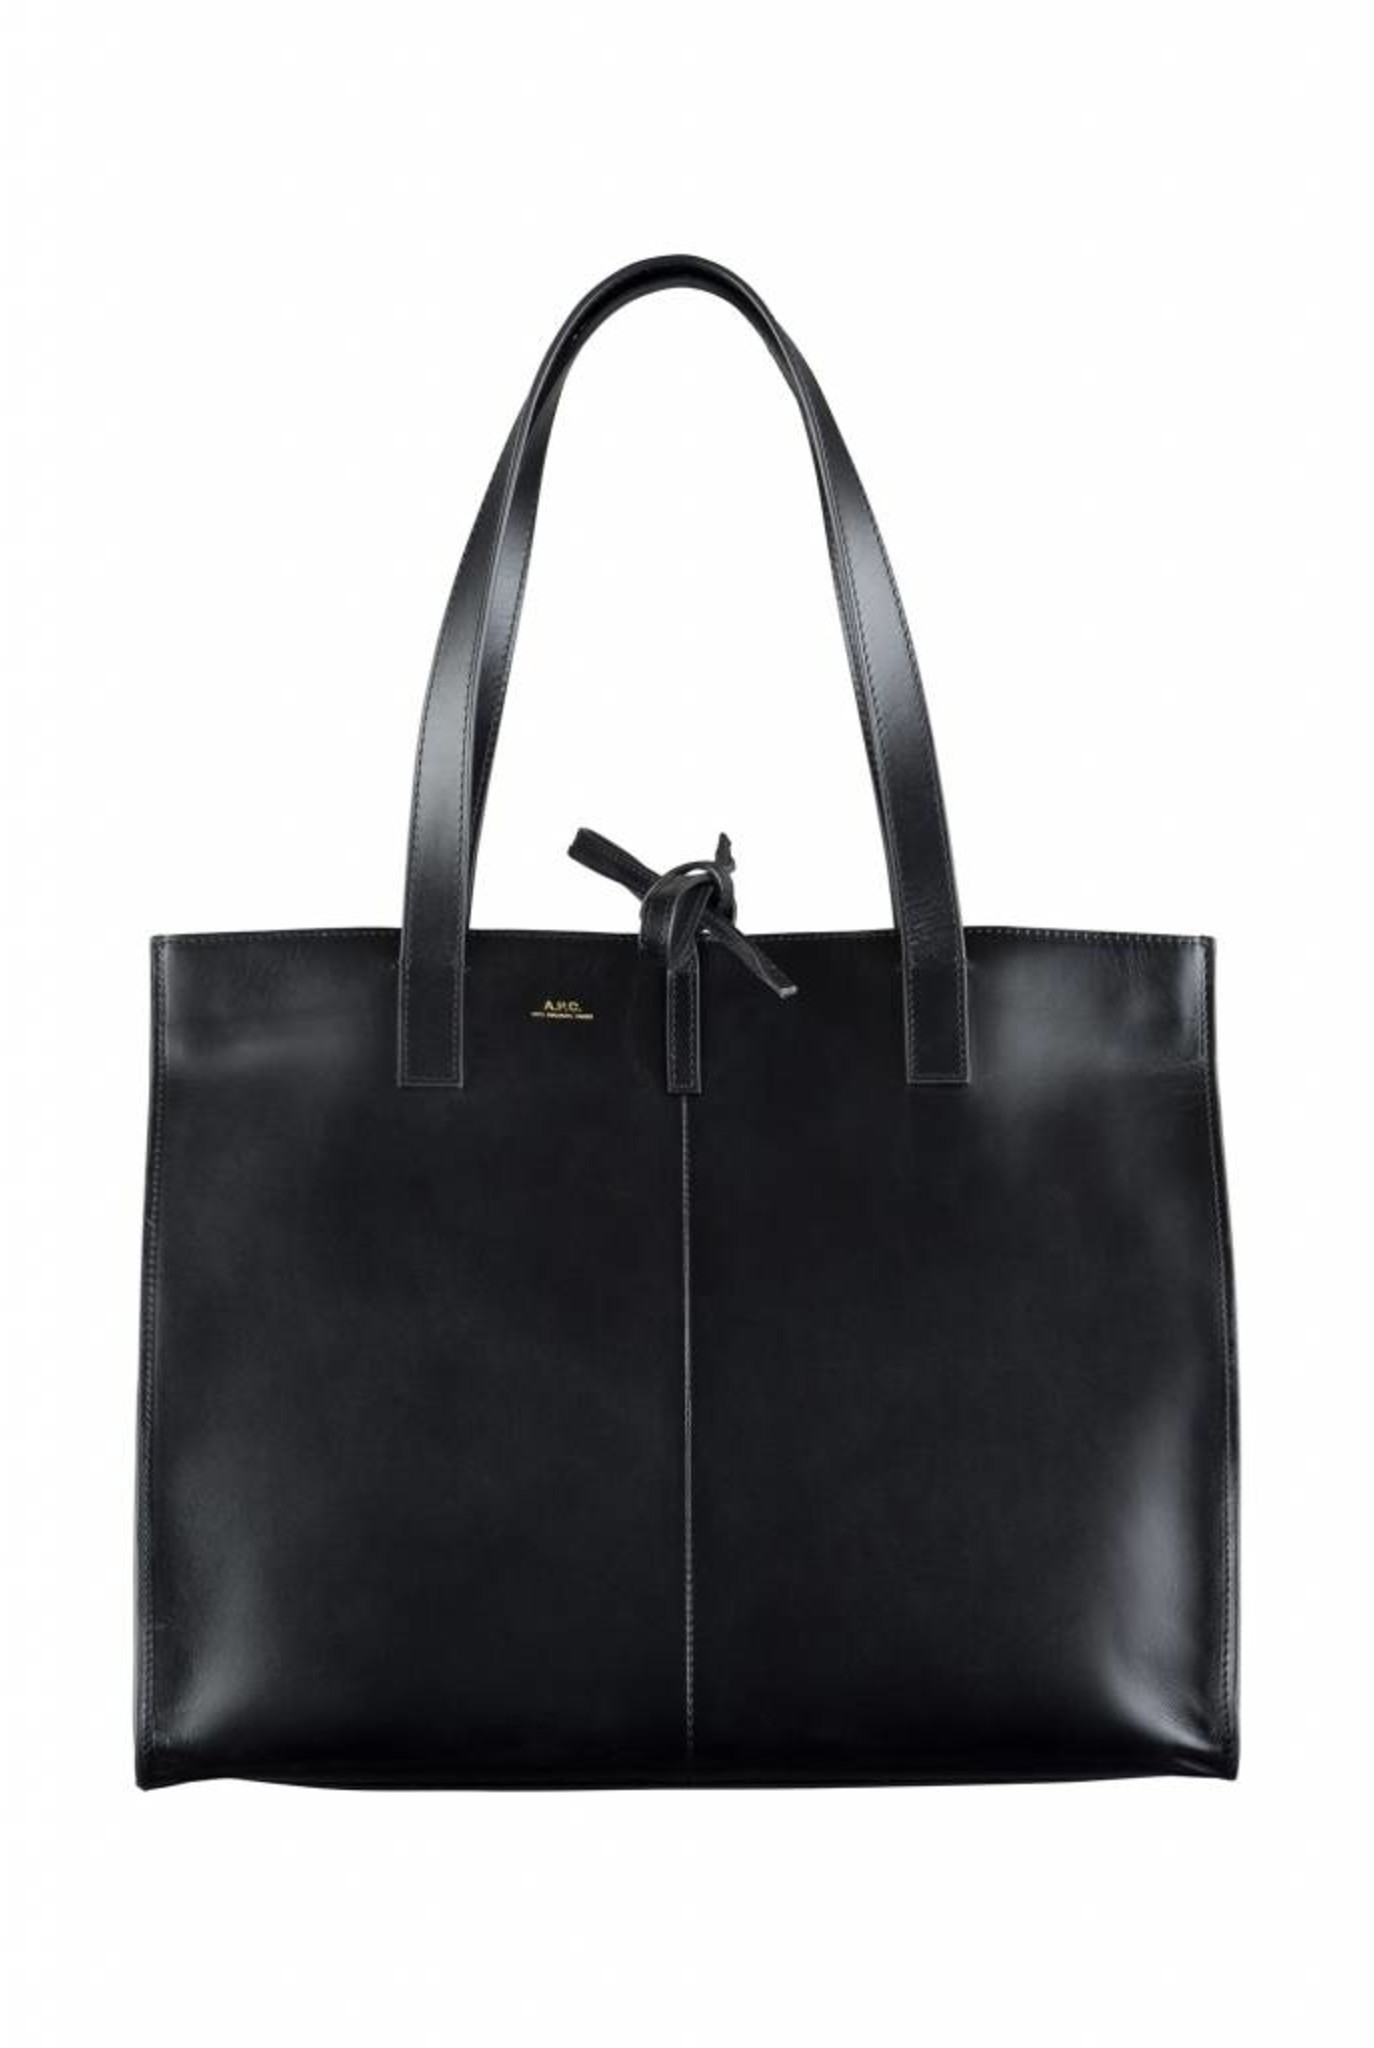 Emy bag large black